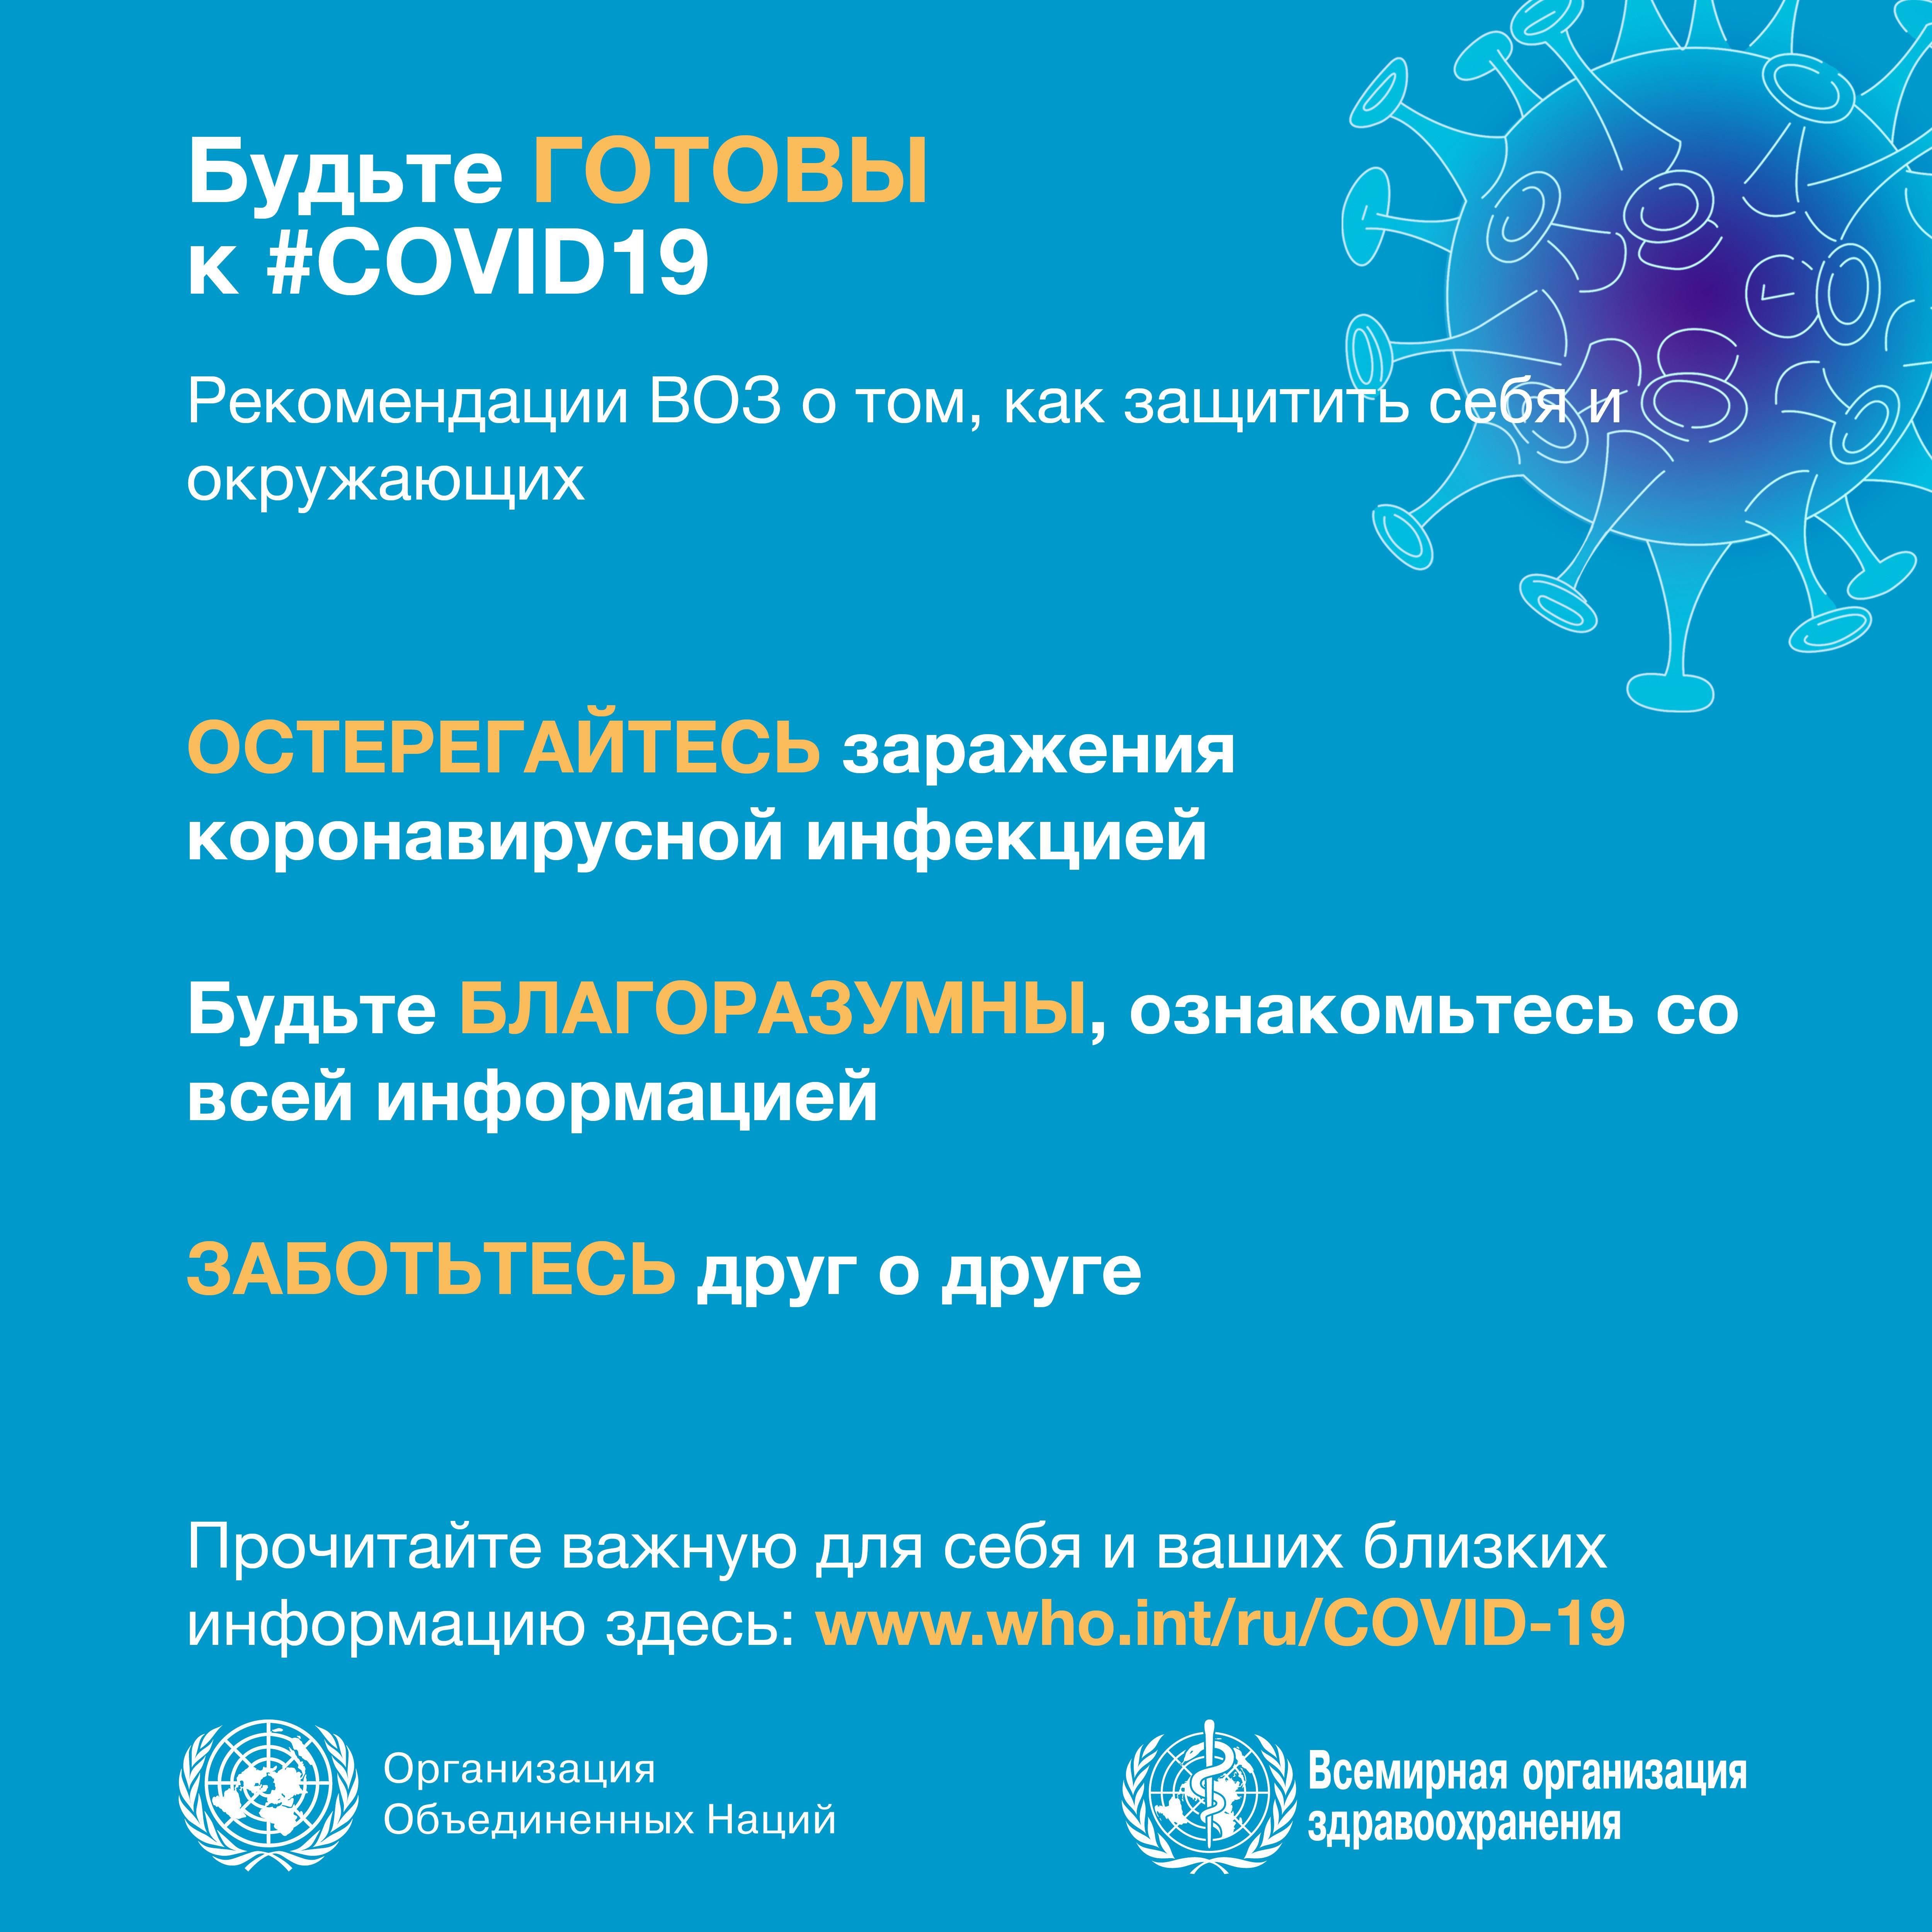 Как отличить коронавирус от гриппа и простуды?